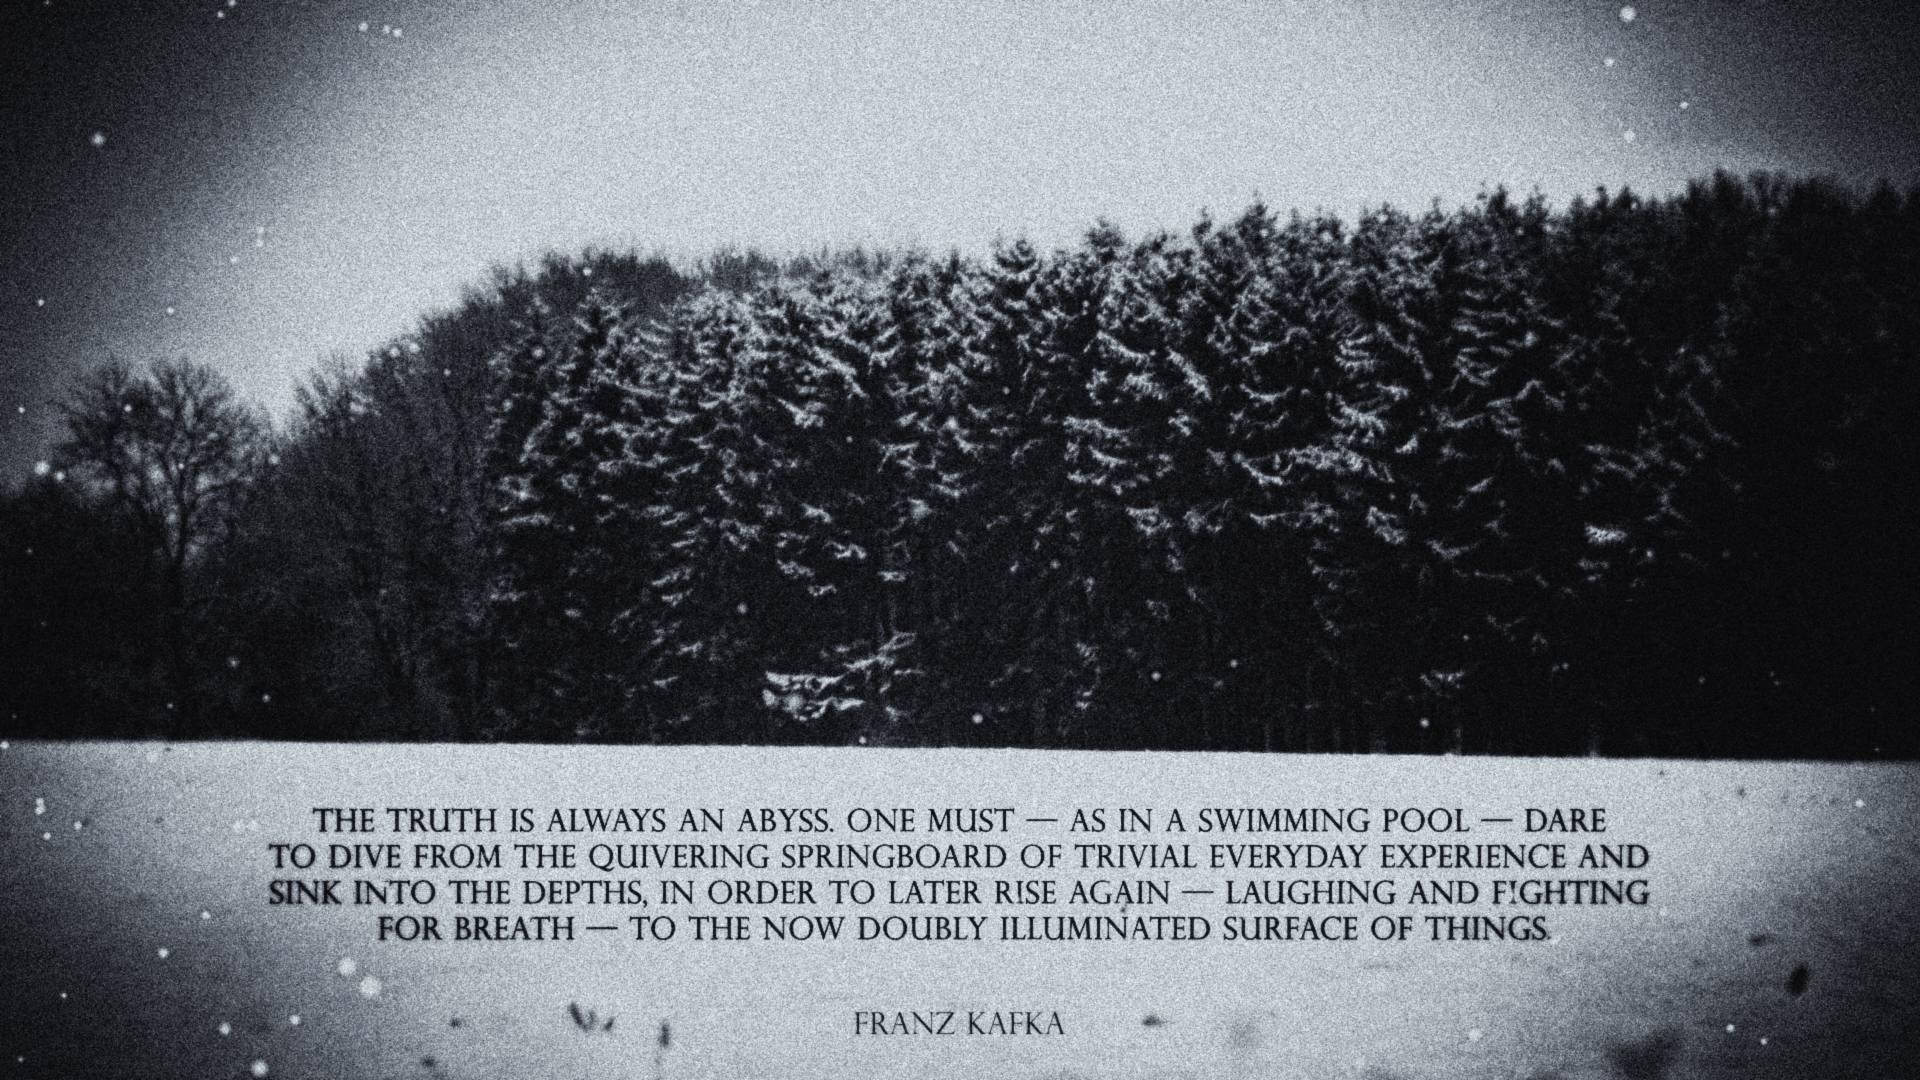 Franz Kafka's quote #6